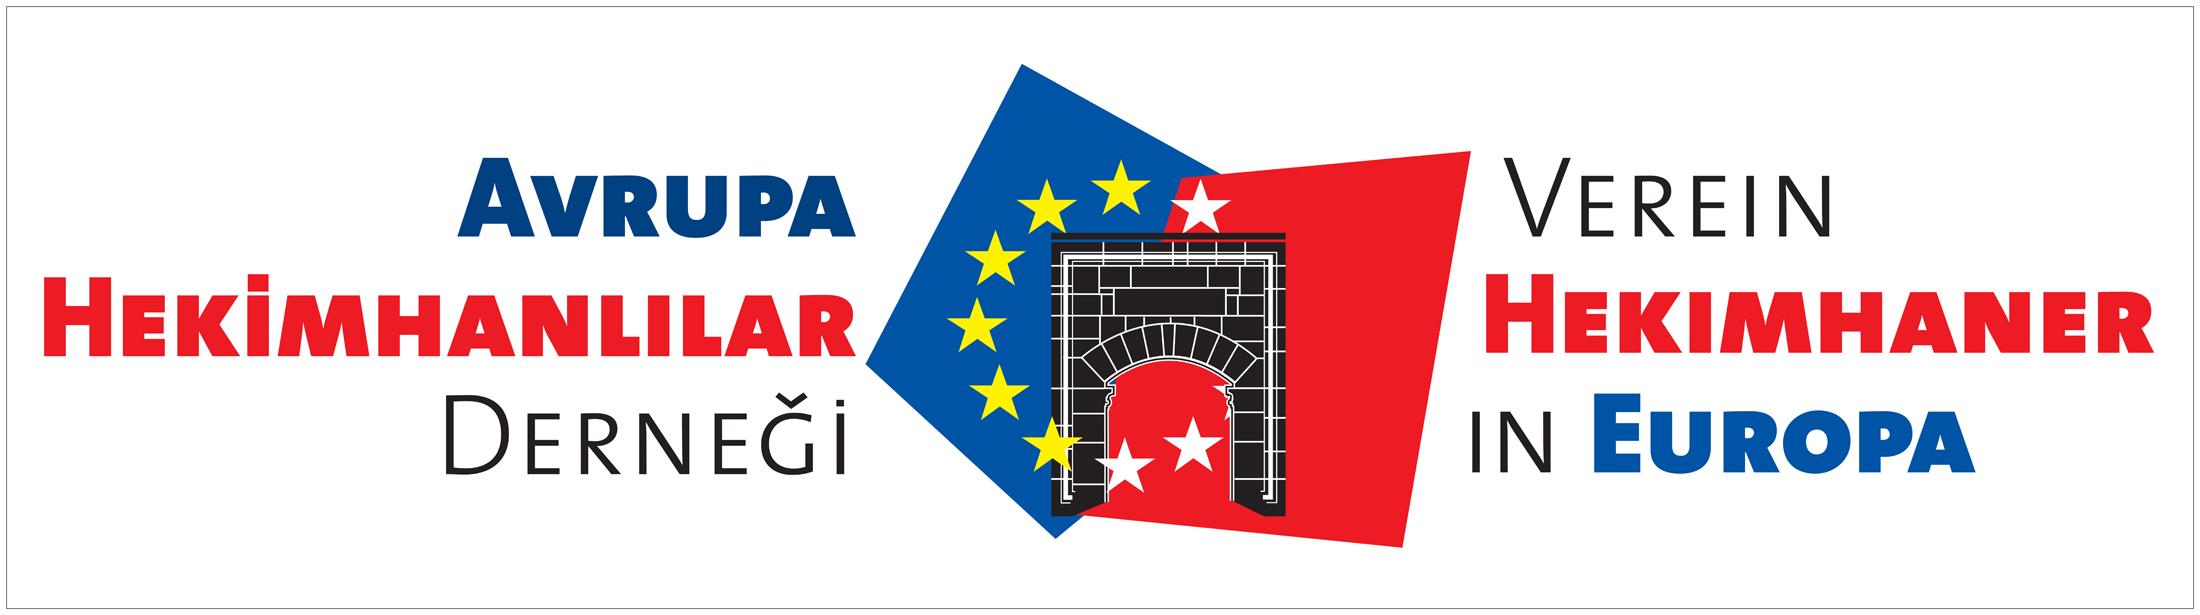 Hekimhan EU